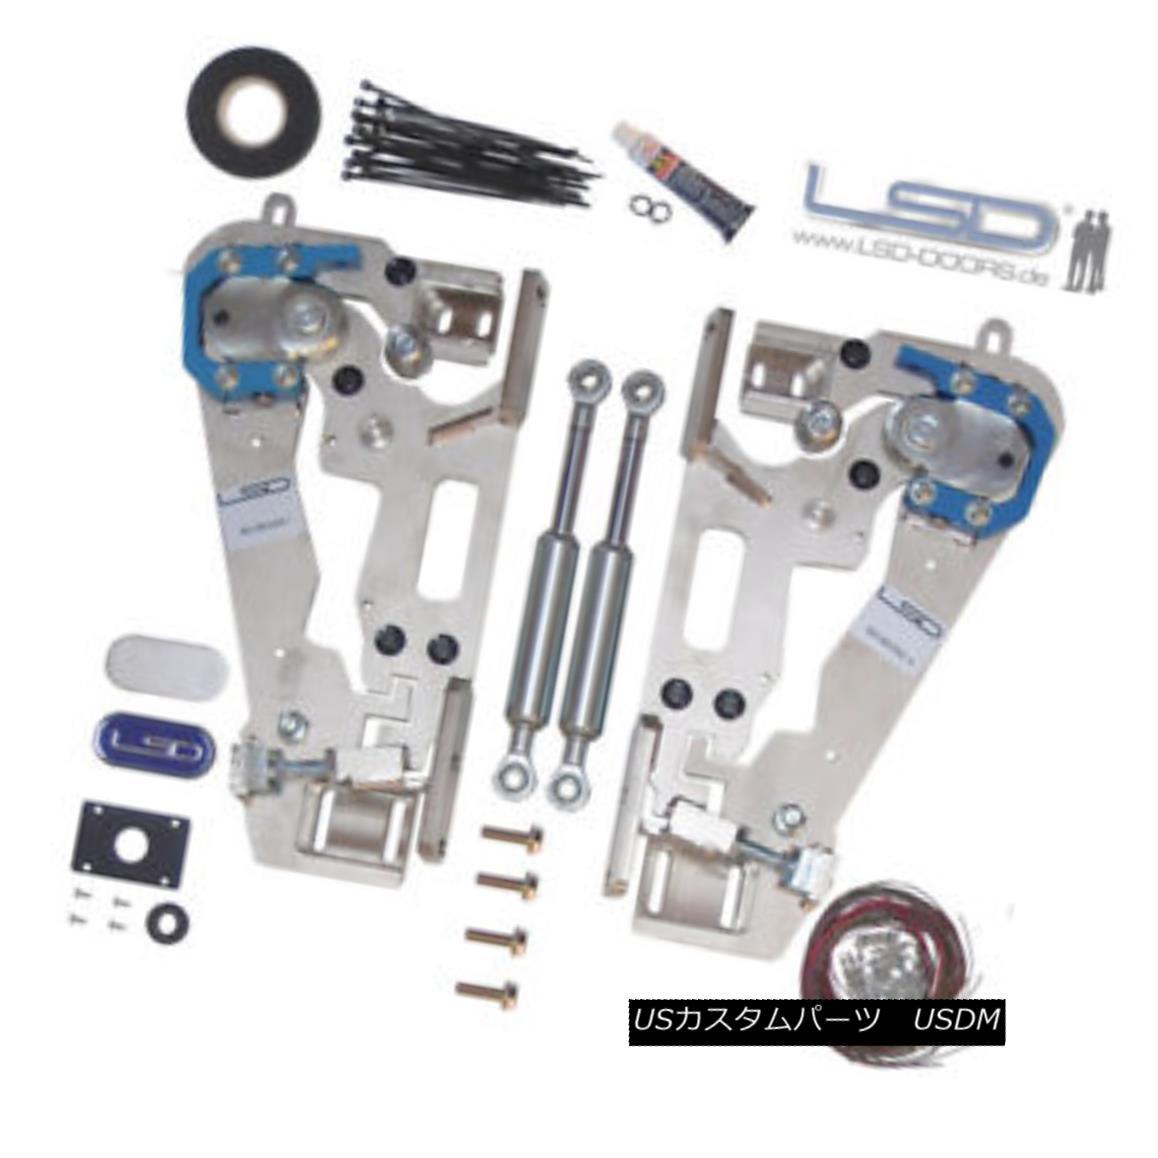 ガルウィングキット LSD Doors Lambo Style for Mazda MX-5 NA Vertical Door Kit 50075001 . マツダMX-5 NA垂直ドアキット50075001用のLSDドアランボルギー様式。